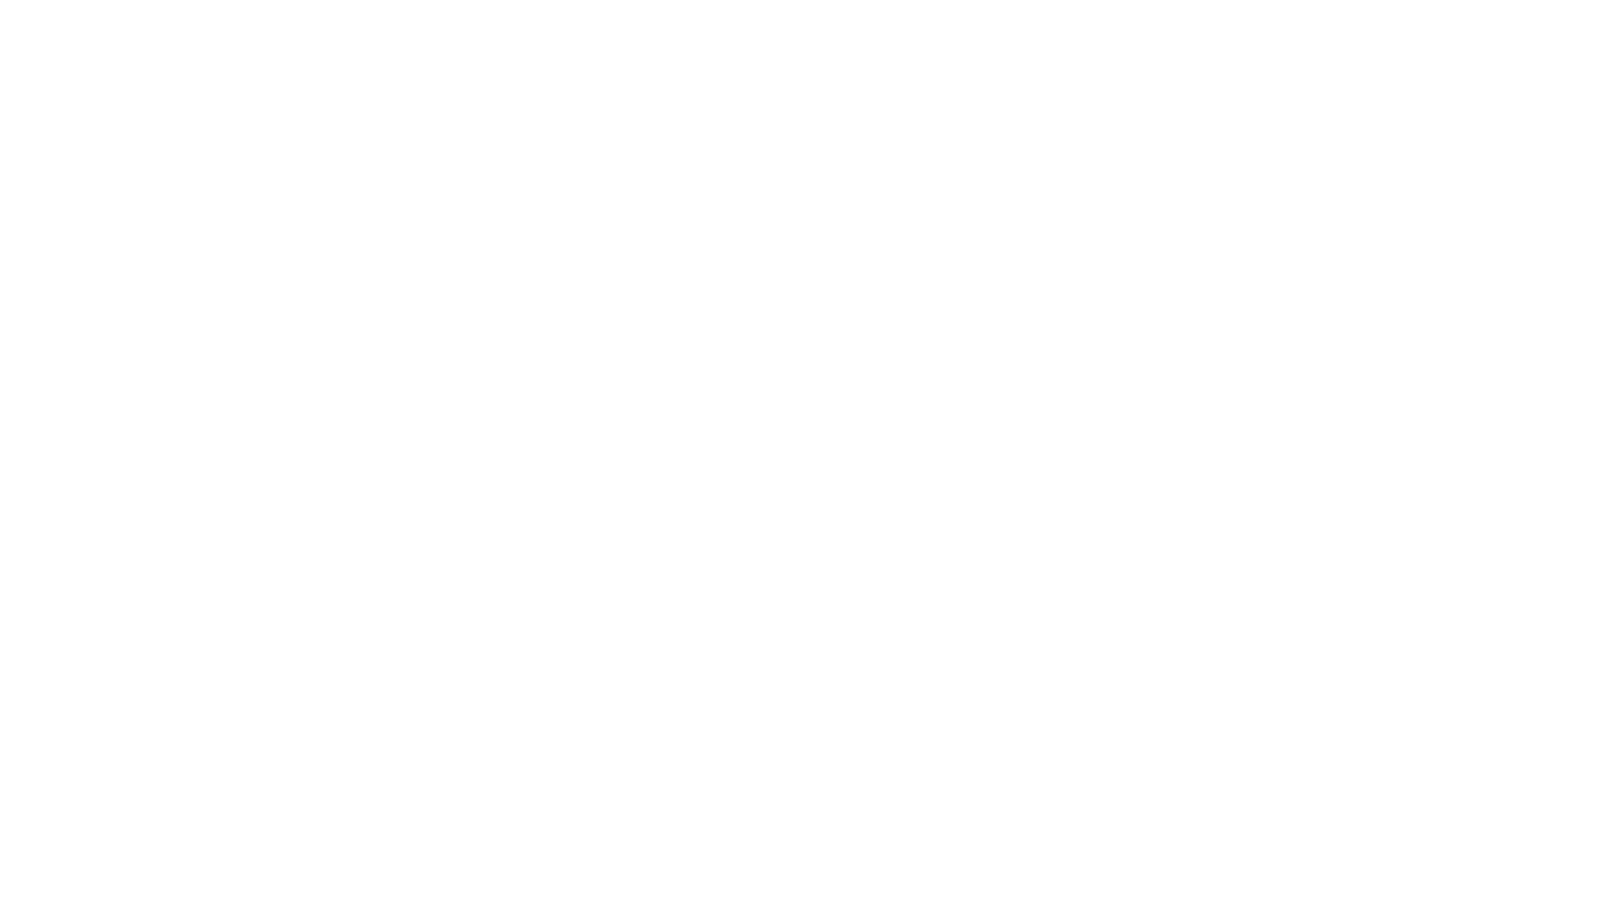 """¡Feliz Semana! este 🗓 Jueves / #5tafeira 26 noviembre/novembro. . Conversamos con la Dra. @anasimord del @centrovidayfamilia.  Donde nos visita para hablar de este importante tema. 👁 - """"Relaciones personales y sus factores externos."""" - La doctora #AnaSimó es psicóloga, terapeuta sexual, familiar y de pareja, especialista en manejo de duelo, dependencia emocional, autoestima y dinámica de pareja.  Tiene un PHD en Sexualidad obtenido en la Universidad Autónoma de Santo Domingo conjuntamente con la Universidad de Almería de España. Es directora del Centro Vida y Familia y la Sede Infantojuvenil que llevan su nombre.  . Hablaremos de la relación de pareja con un extranjero, diferencias culturales, como analizar qué comportamientos pertenecen a la personalidad y cuales hacen referencia a la cultura, nuevas amistades, aspectos familia, relación con compañeros de trabajo en un ambiente multicultural, separación de la familia cuando uno de los padres emigra.  . En directo por 📺 @Acucarfm 📻   - Junto a:  @rashellrodriguez14, @xpenaperez y @jenn.baez  ⏰ 19h Portugal / 20h España / 3pm Rep. Dom. y FL / 2pm NYC  ⁉️ Envíanos tus preguntas y/o comentarios y las expondremos en nuestro programa: 📩entremujeresyunclavel@acucarfm.com . #TuConexiónLatinaenPortugal #EntreMujeresyunClavel. #TuconexionLatinaenPortugal #Streaming #Emprendedores  #Portugal #Lisboa #España #italia #Francia #Suiza #RepúblicaDominicana #Perú #Venezuela #NewYork #Miami #USA  #Entrevistas #MujerePoder"""